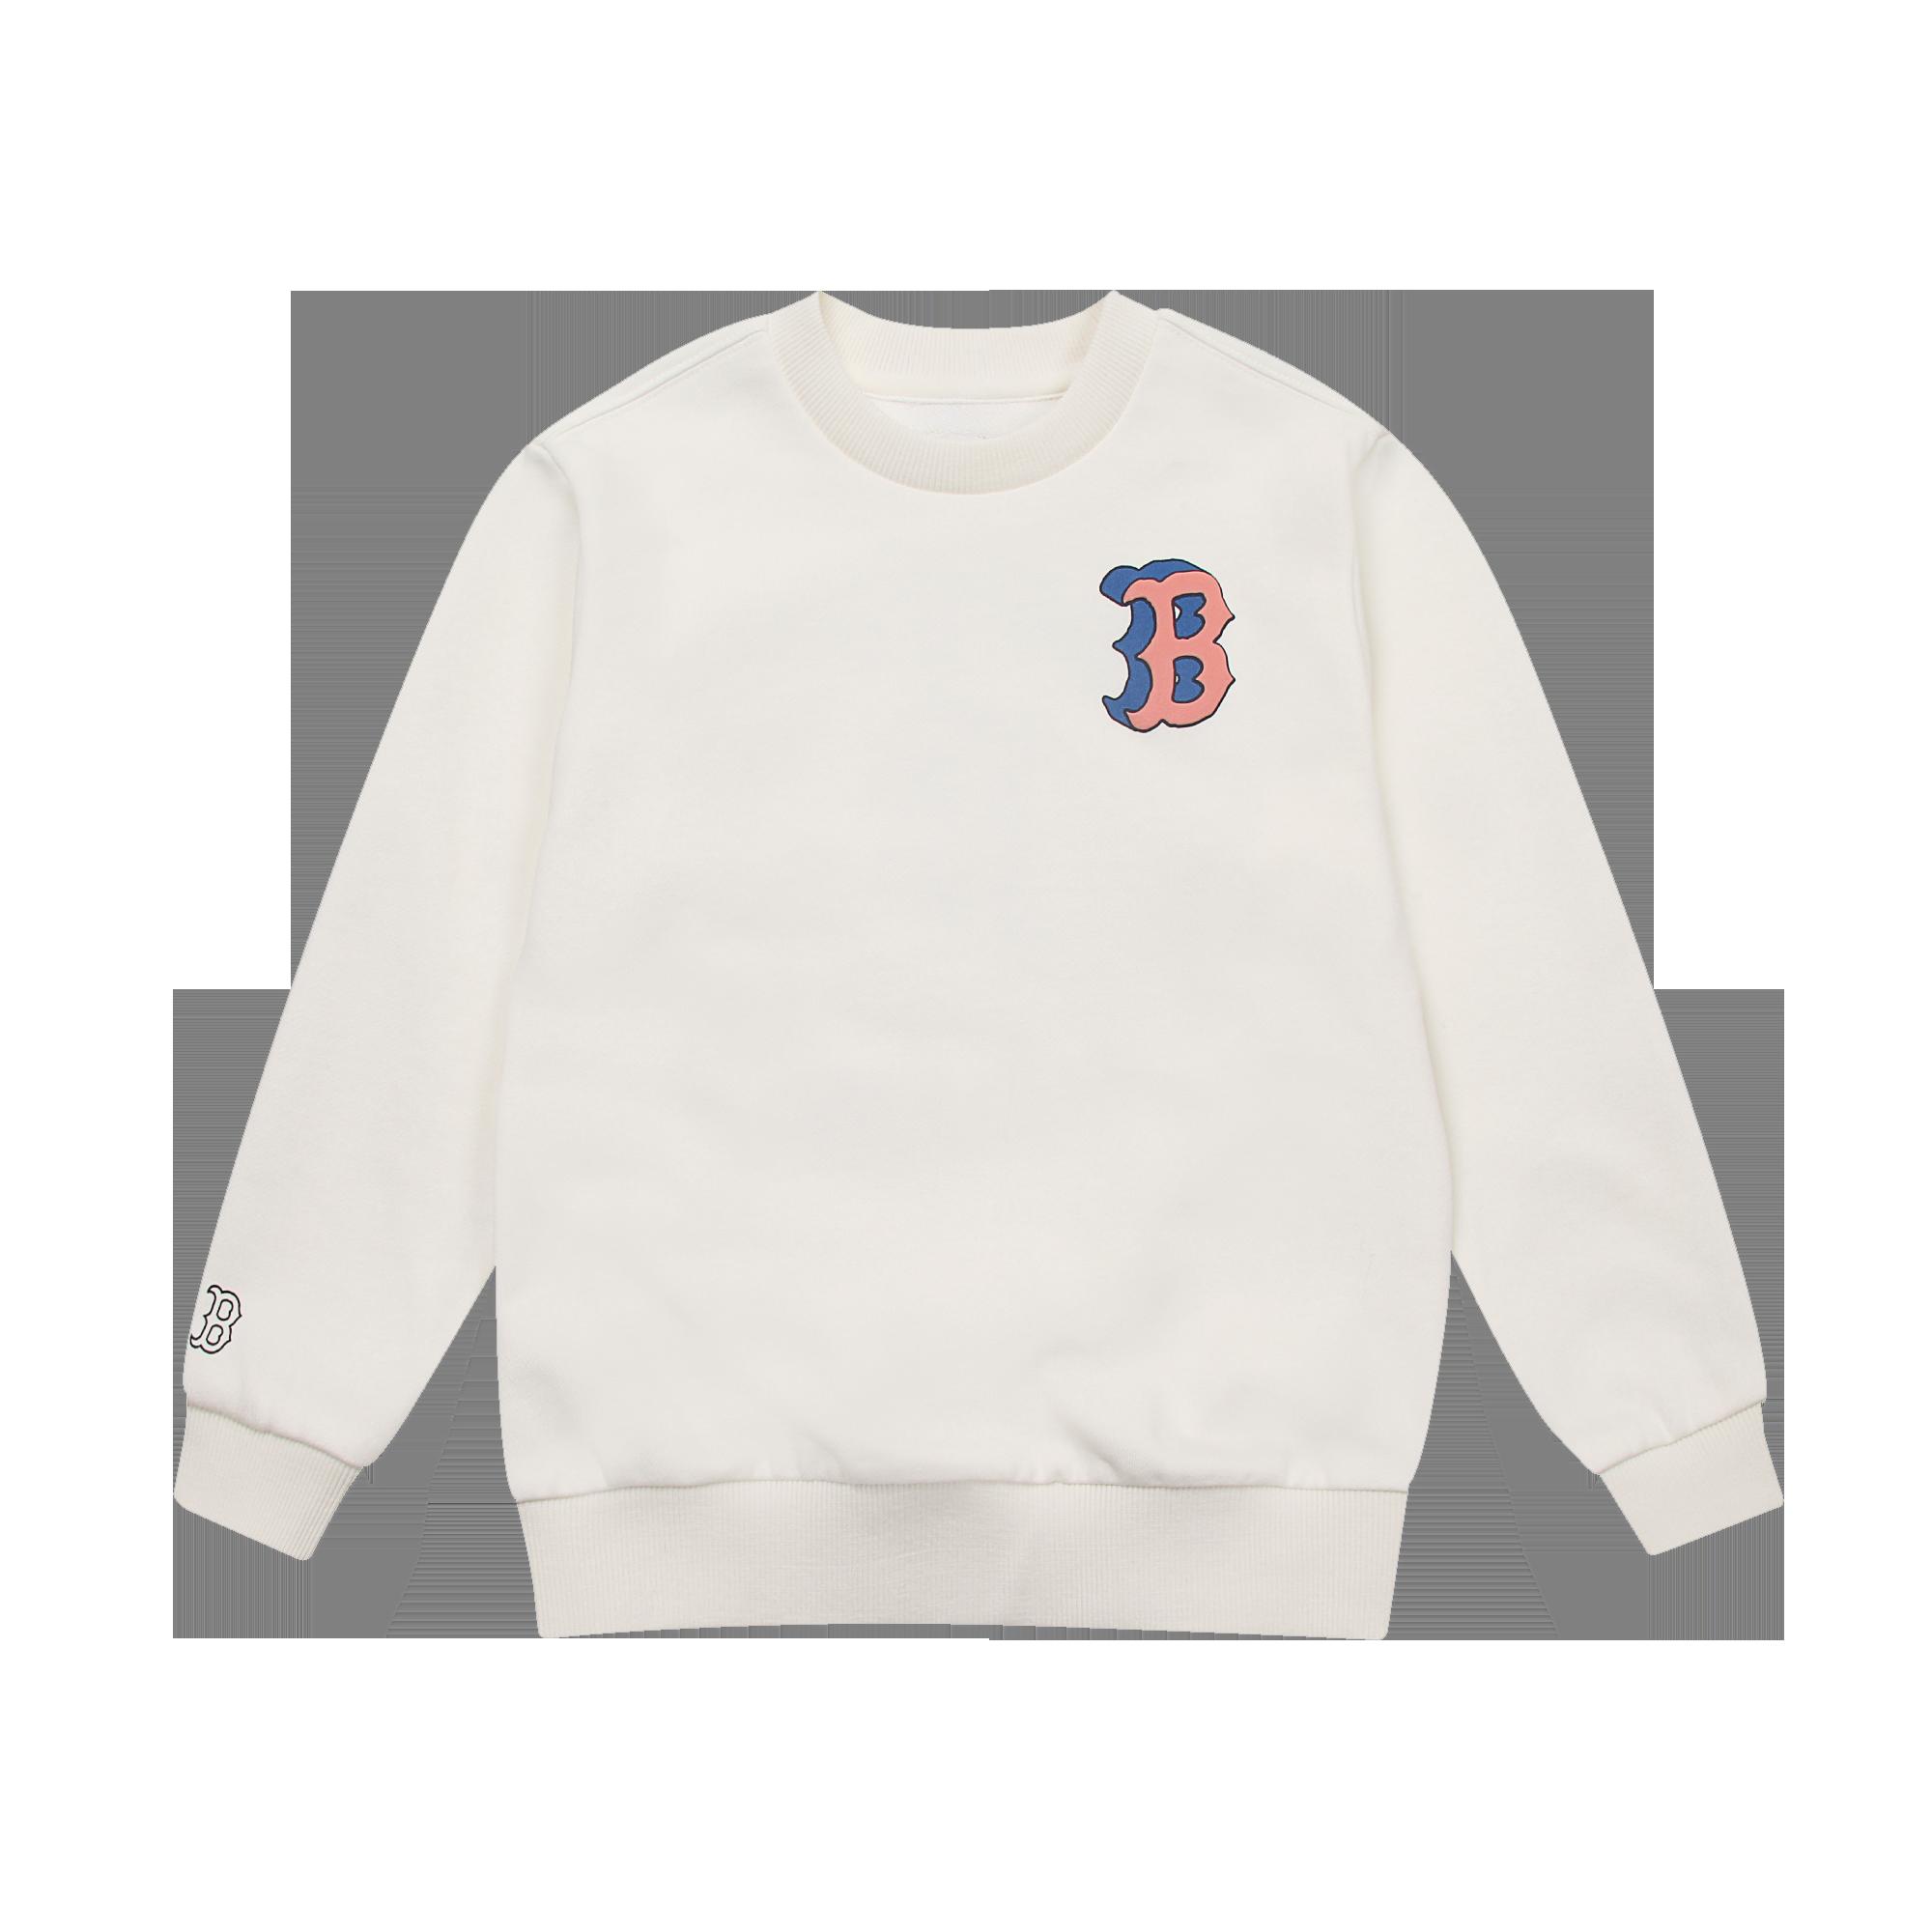 패밀리 MLB LIKE 맨투맨 보스턴레드삭스